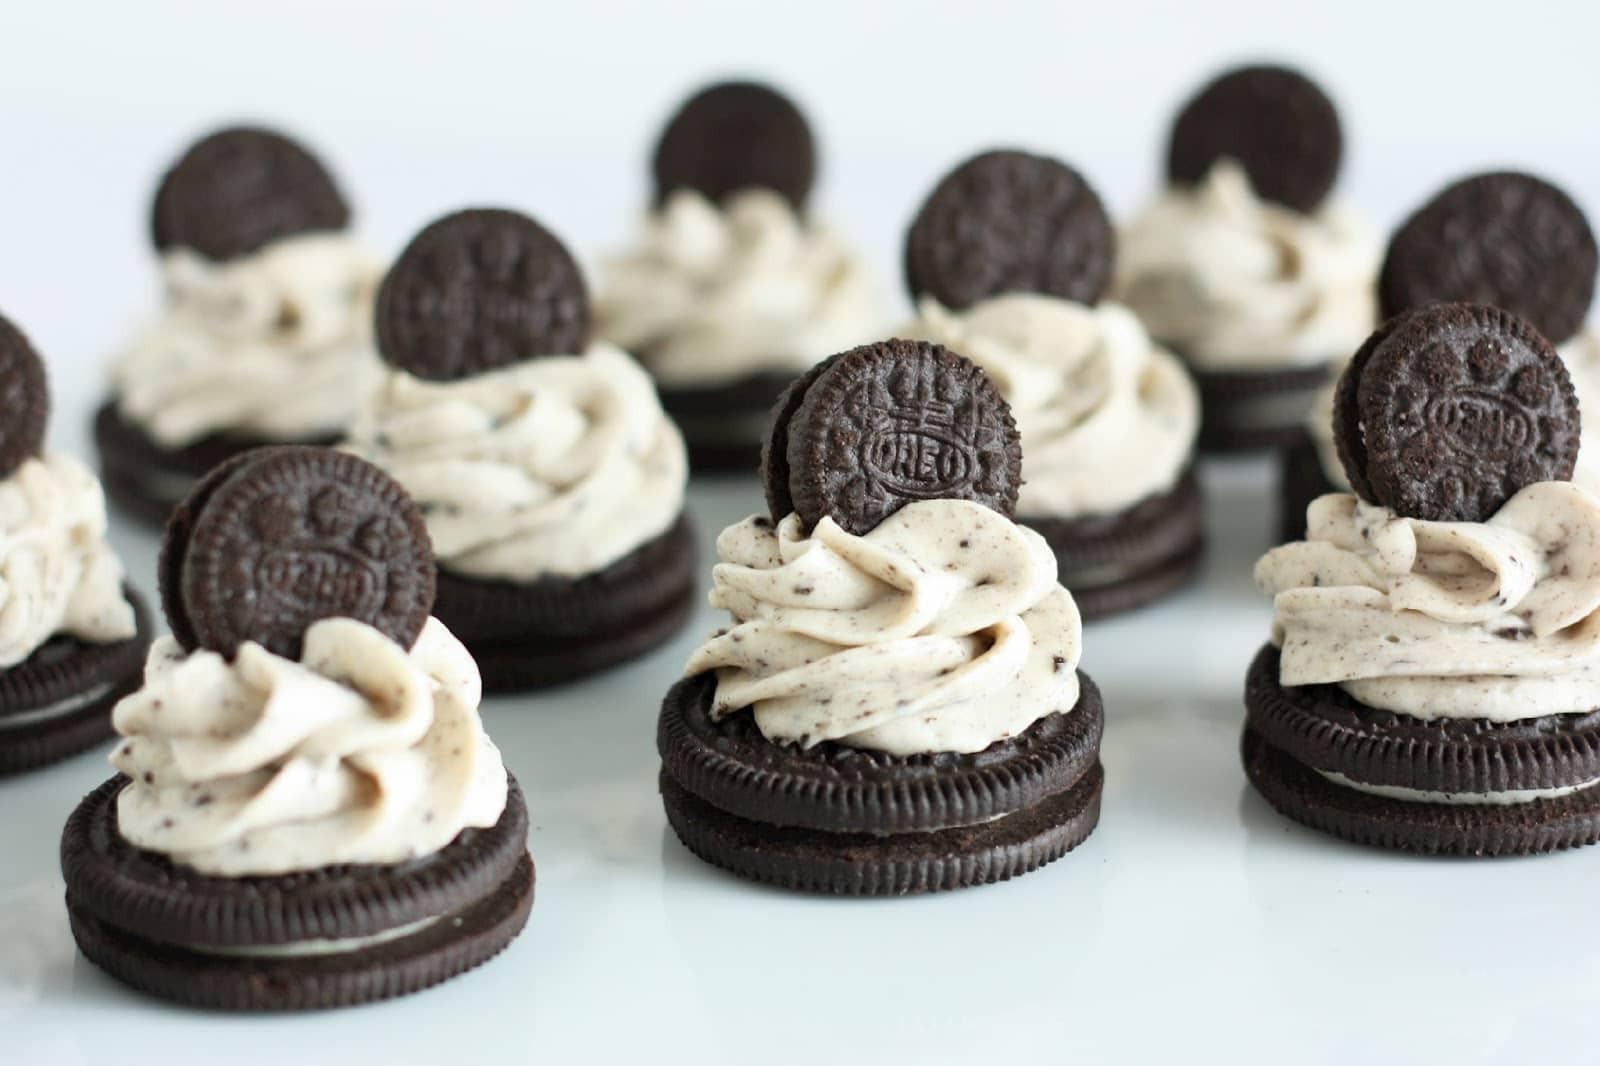 Oreo γλυκό! 5 συνταγές με τα δημοφιλέστερα μπισκότα του κόσμου